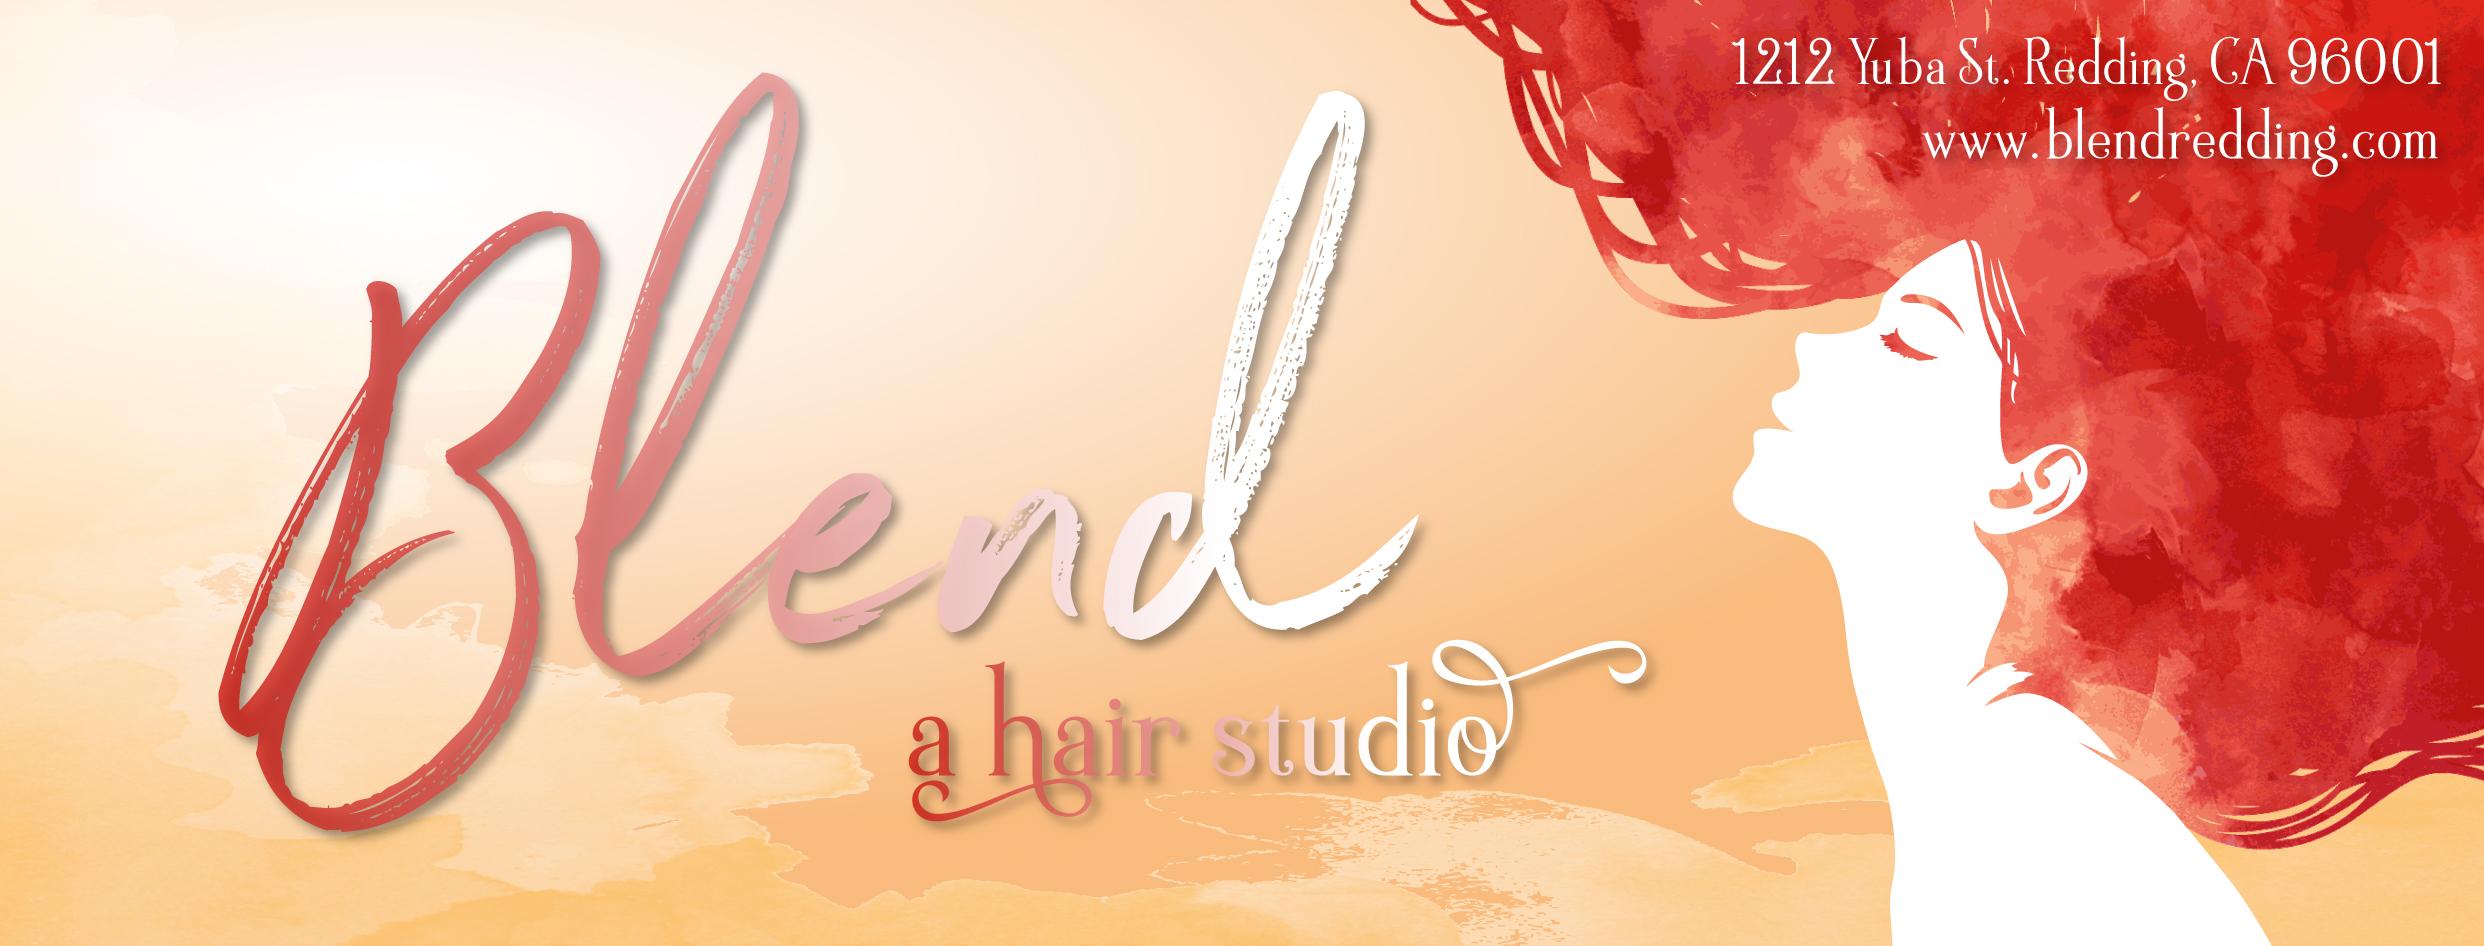 Blend-a-hair-salon.jpg